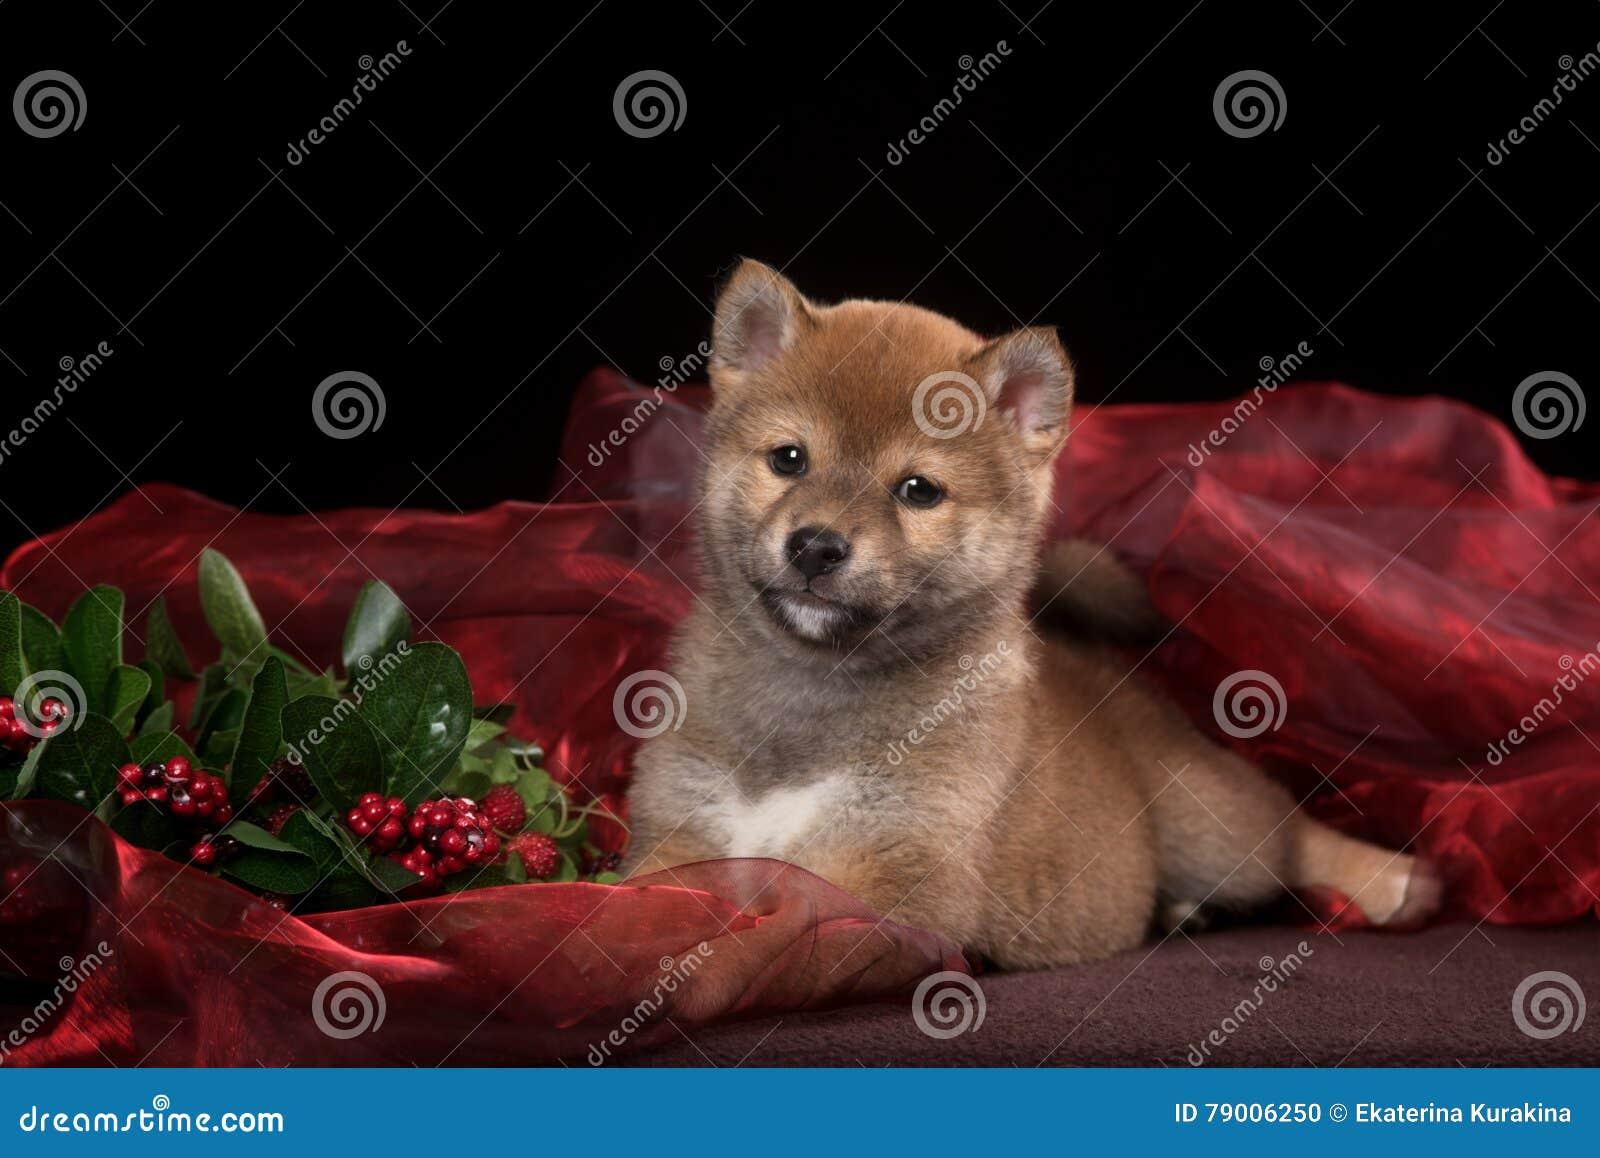 Welpe Shiba Inu im Studio stockfoto. Bild von weihnachten - 79006250